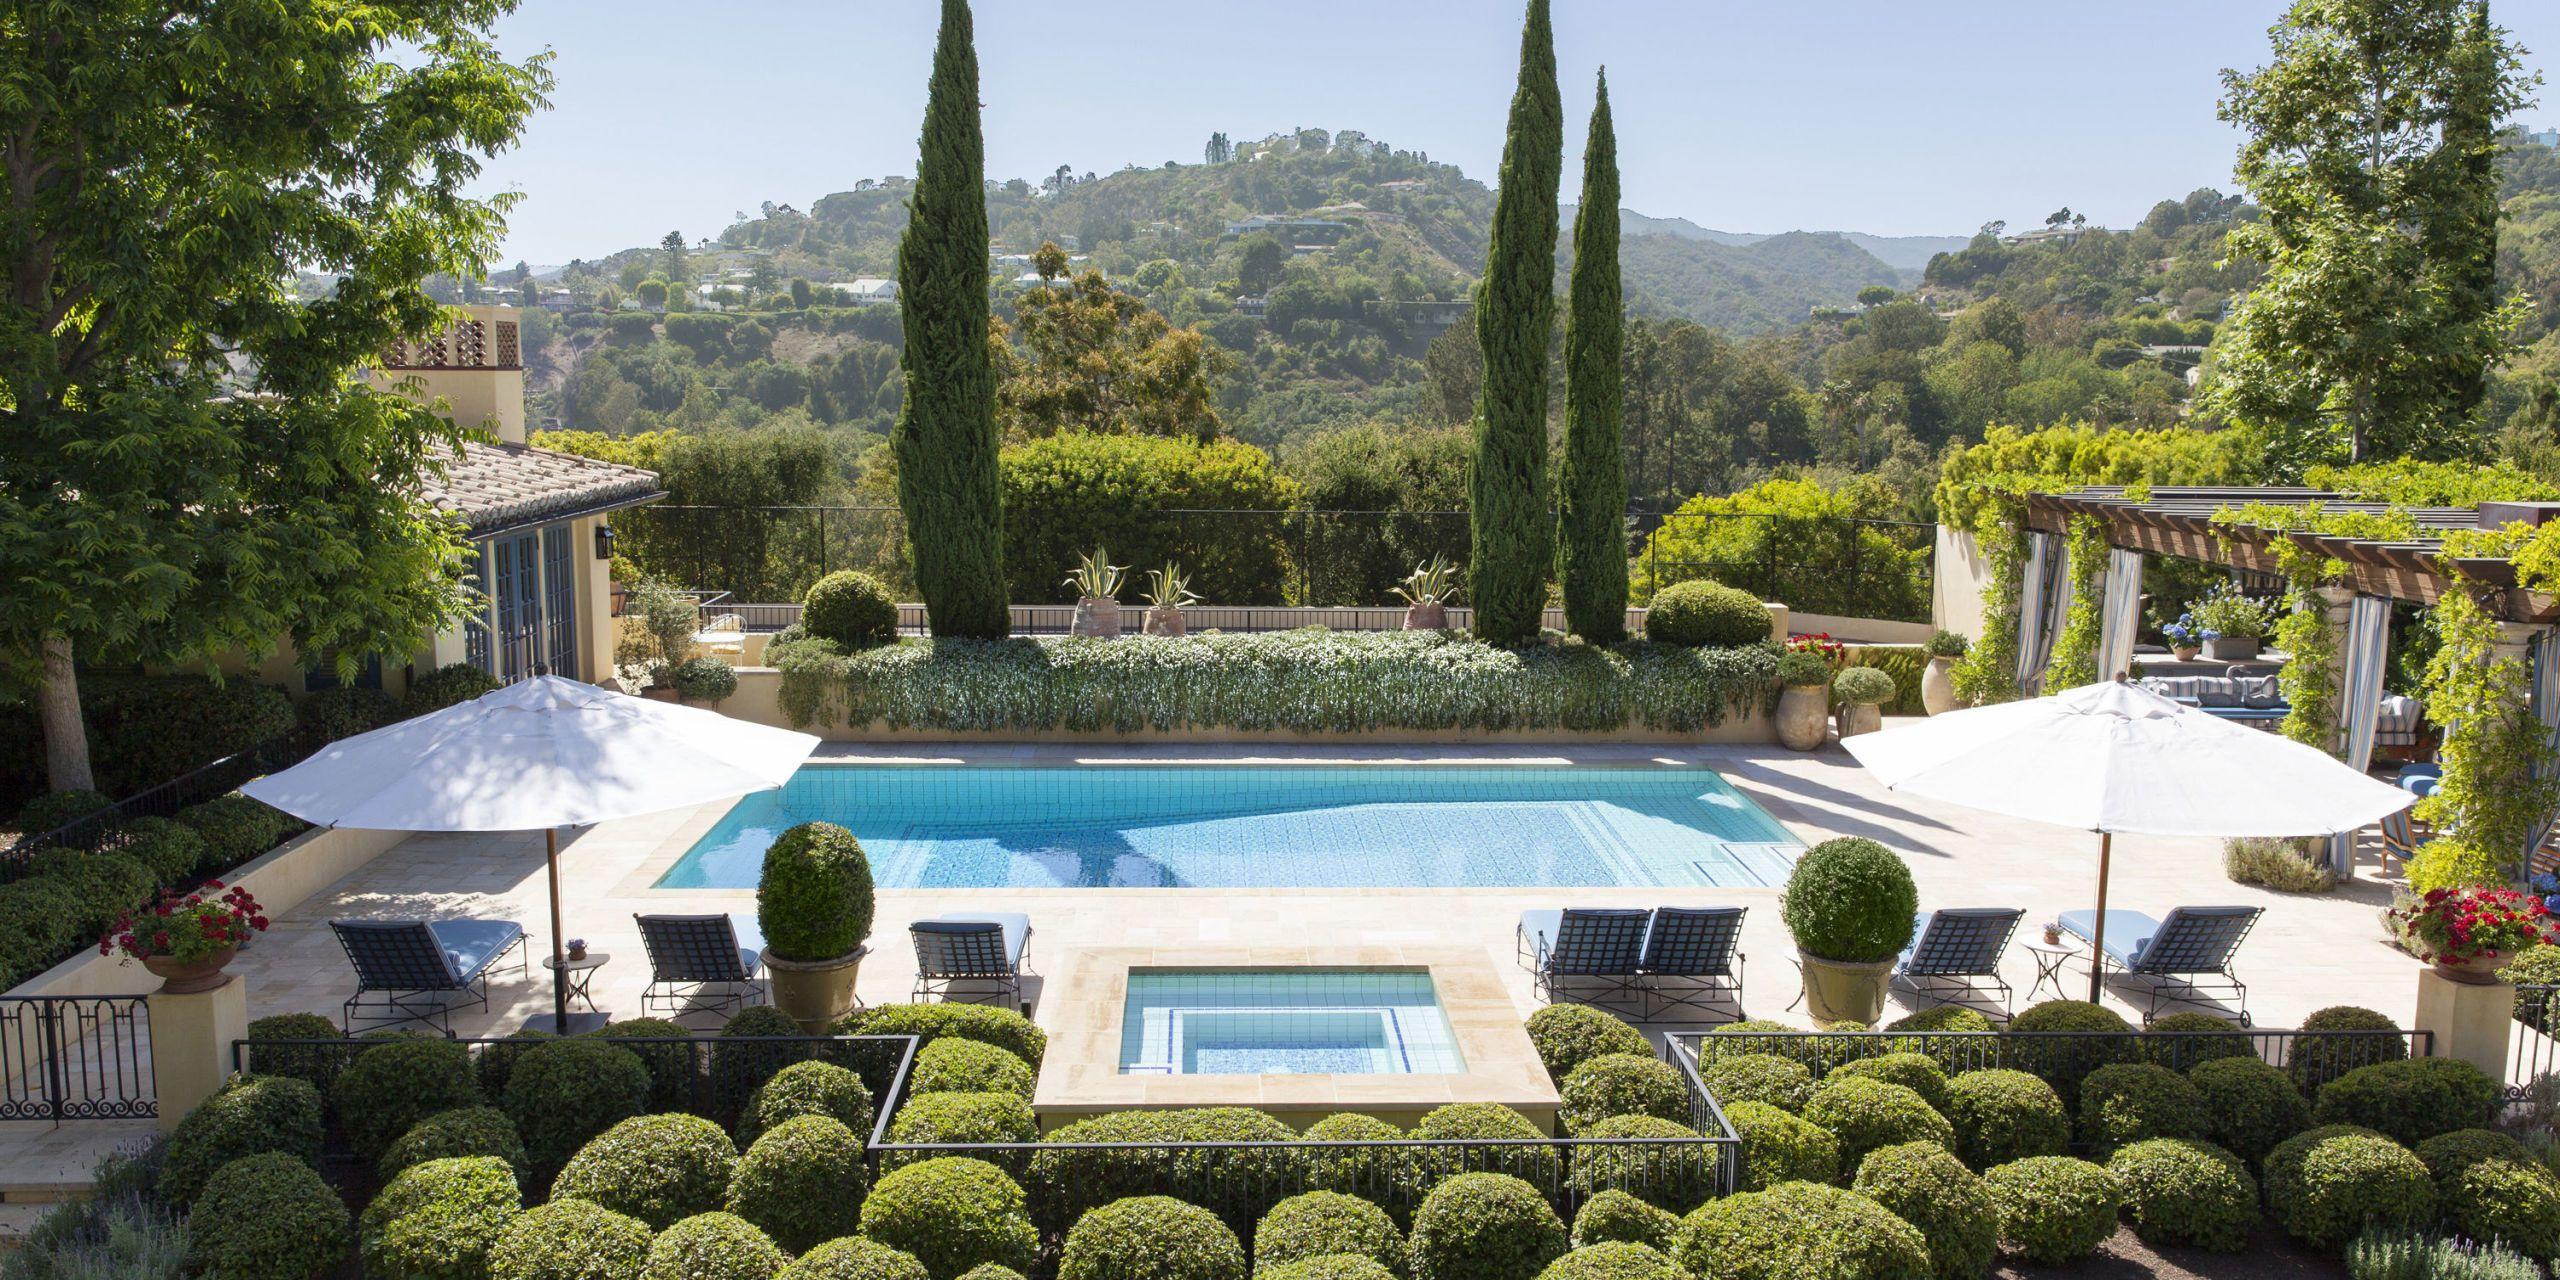 Superbe California Home Exterior